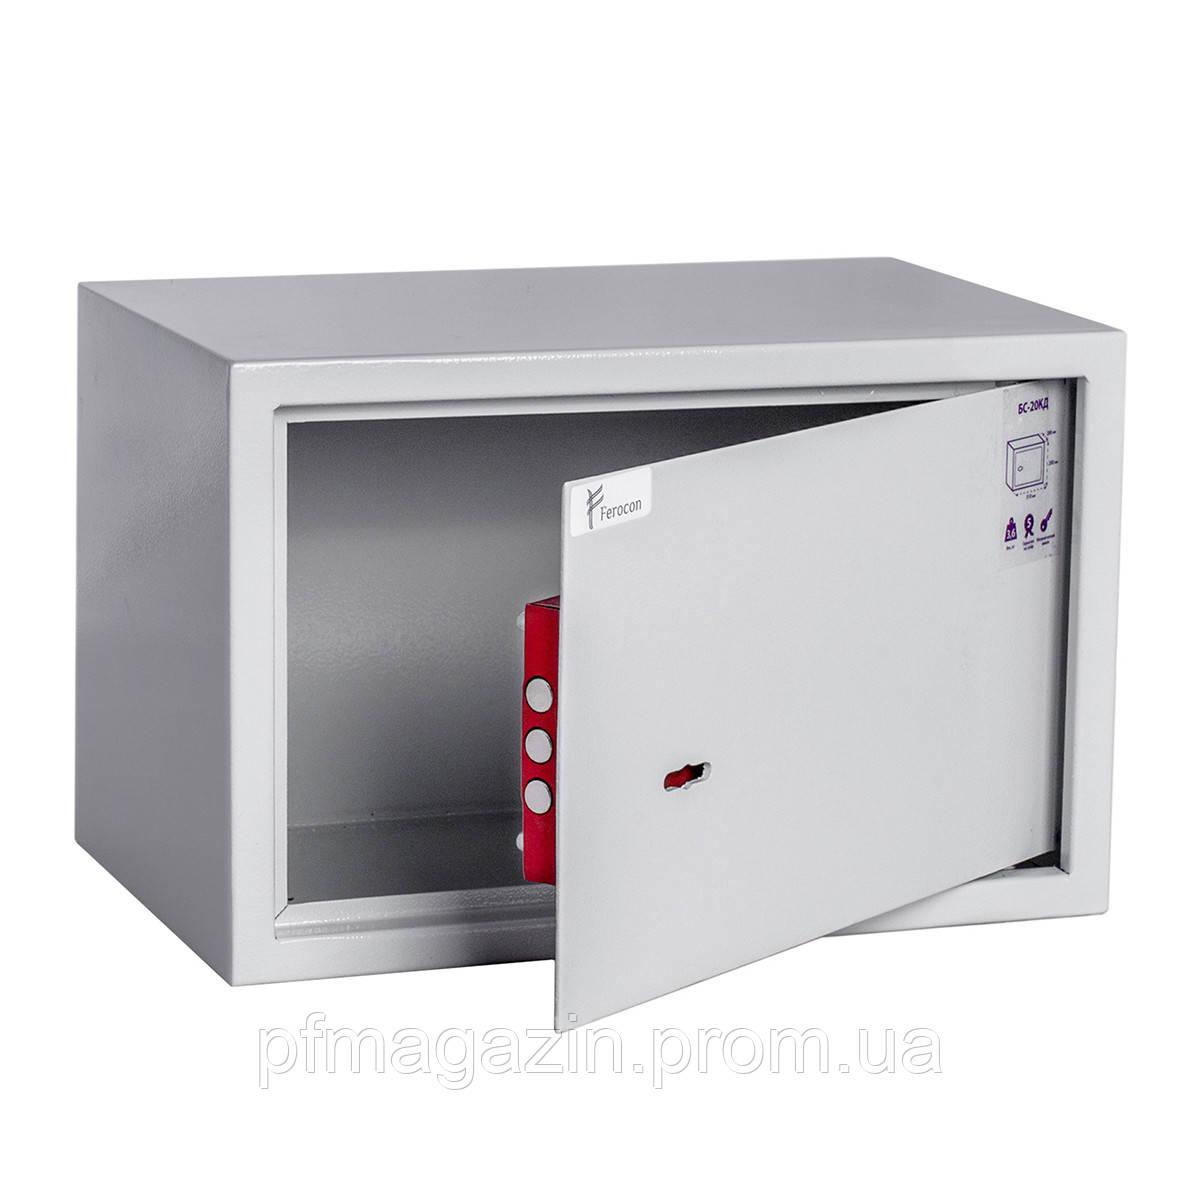 Сейф мебельный БС-20КД (ВхШхГ - 200х310х200)